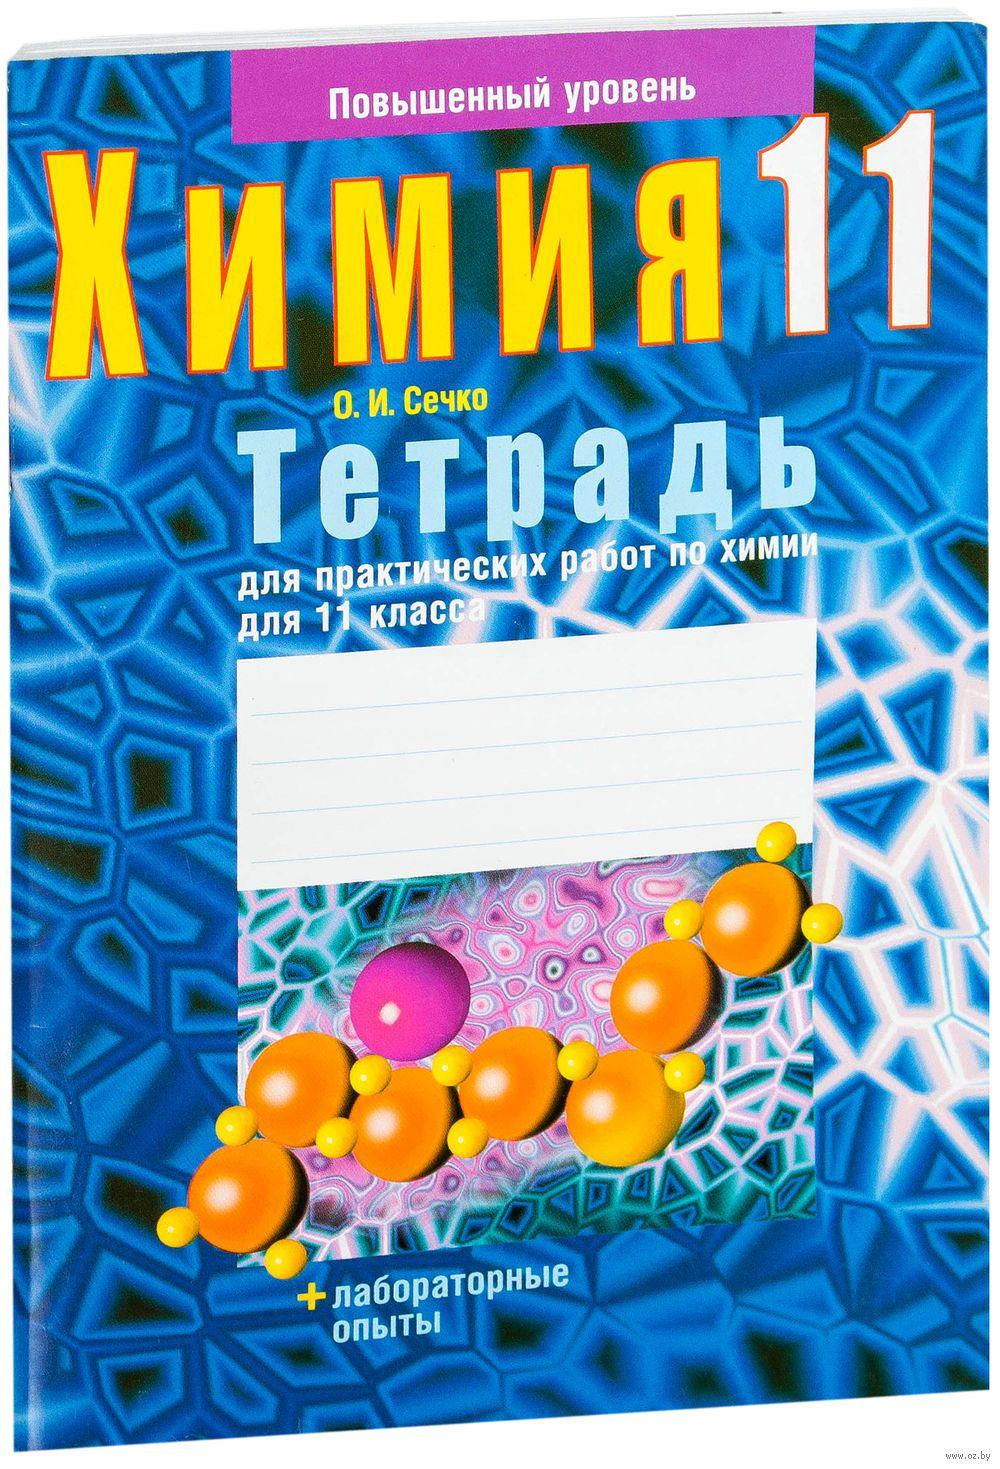 Гдз по биологии 9 класс рабочая тетрадь сонин захарова мамонтова